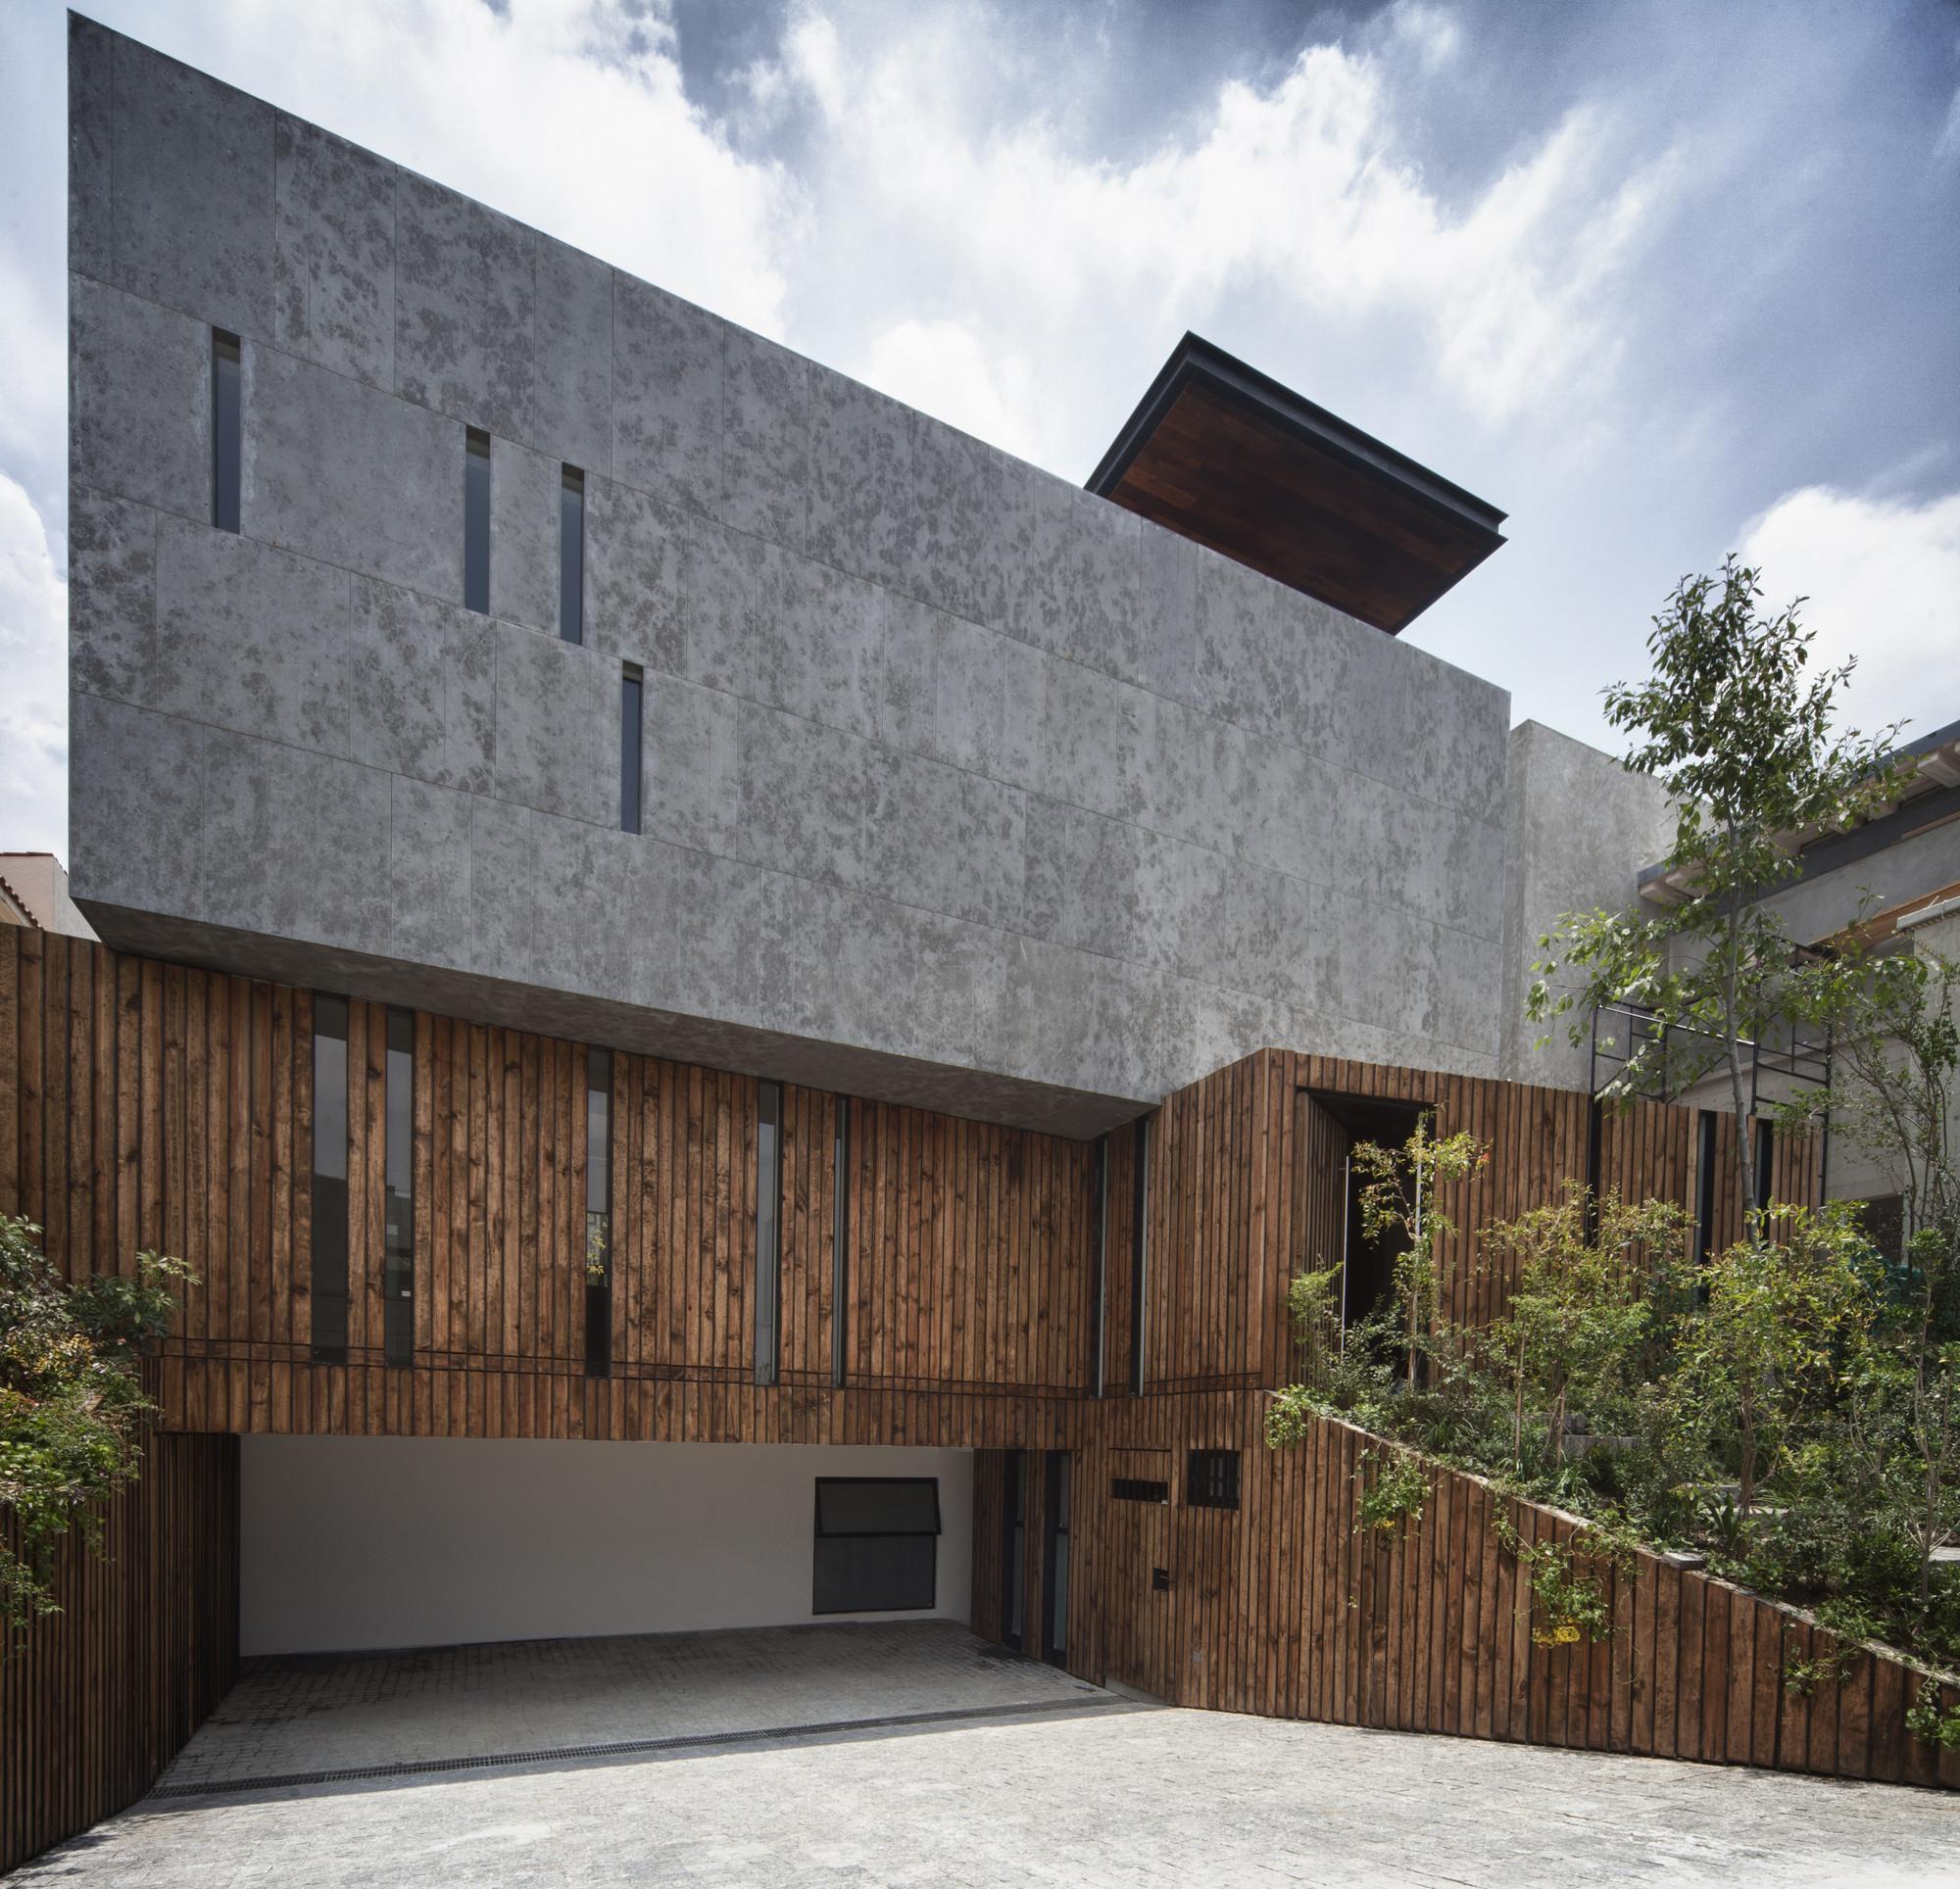 Cumbres House / Taller Hector Barroso, © Yoshihiro Koitani